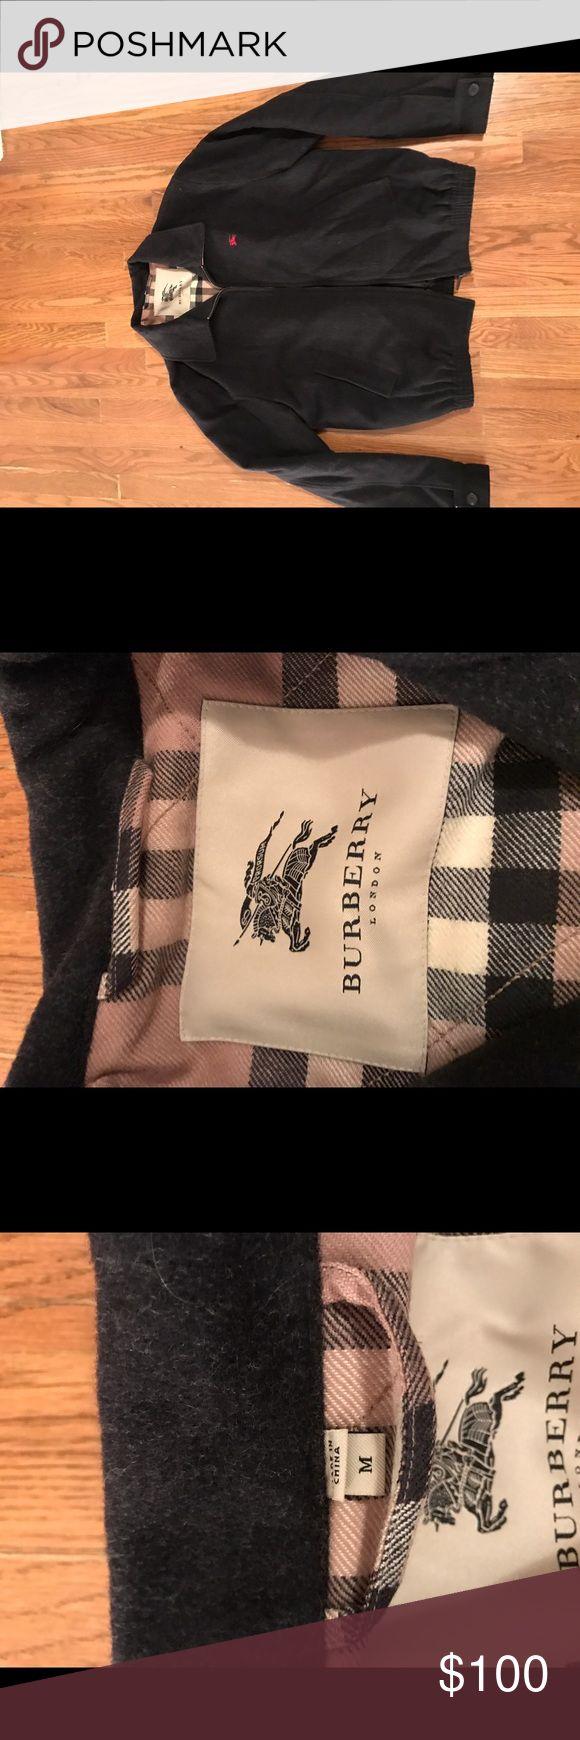 Burberry bomber jacket Burberry bomber jacket - new - charcoal grey Burberry Jackets & Coats Bomber & Varsity